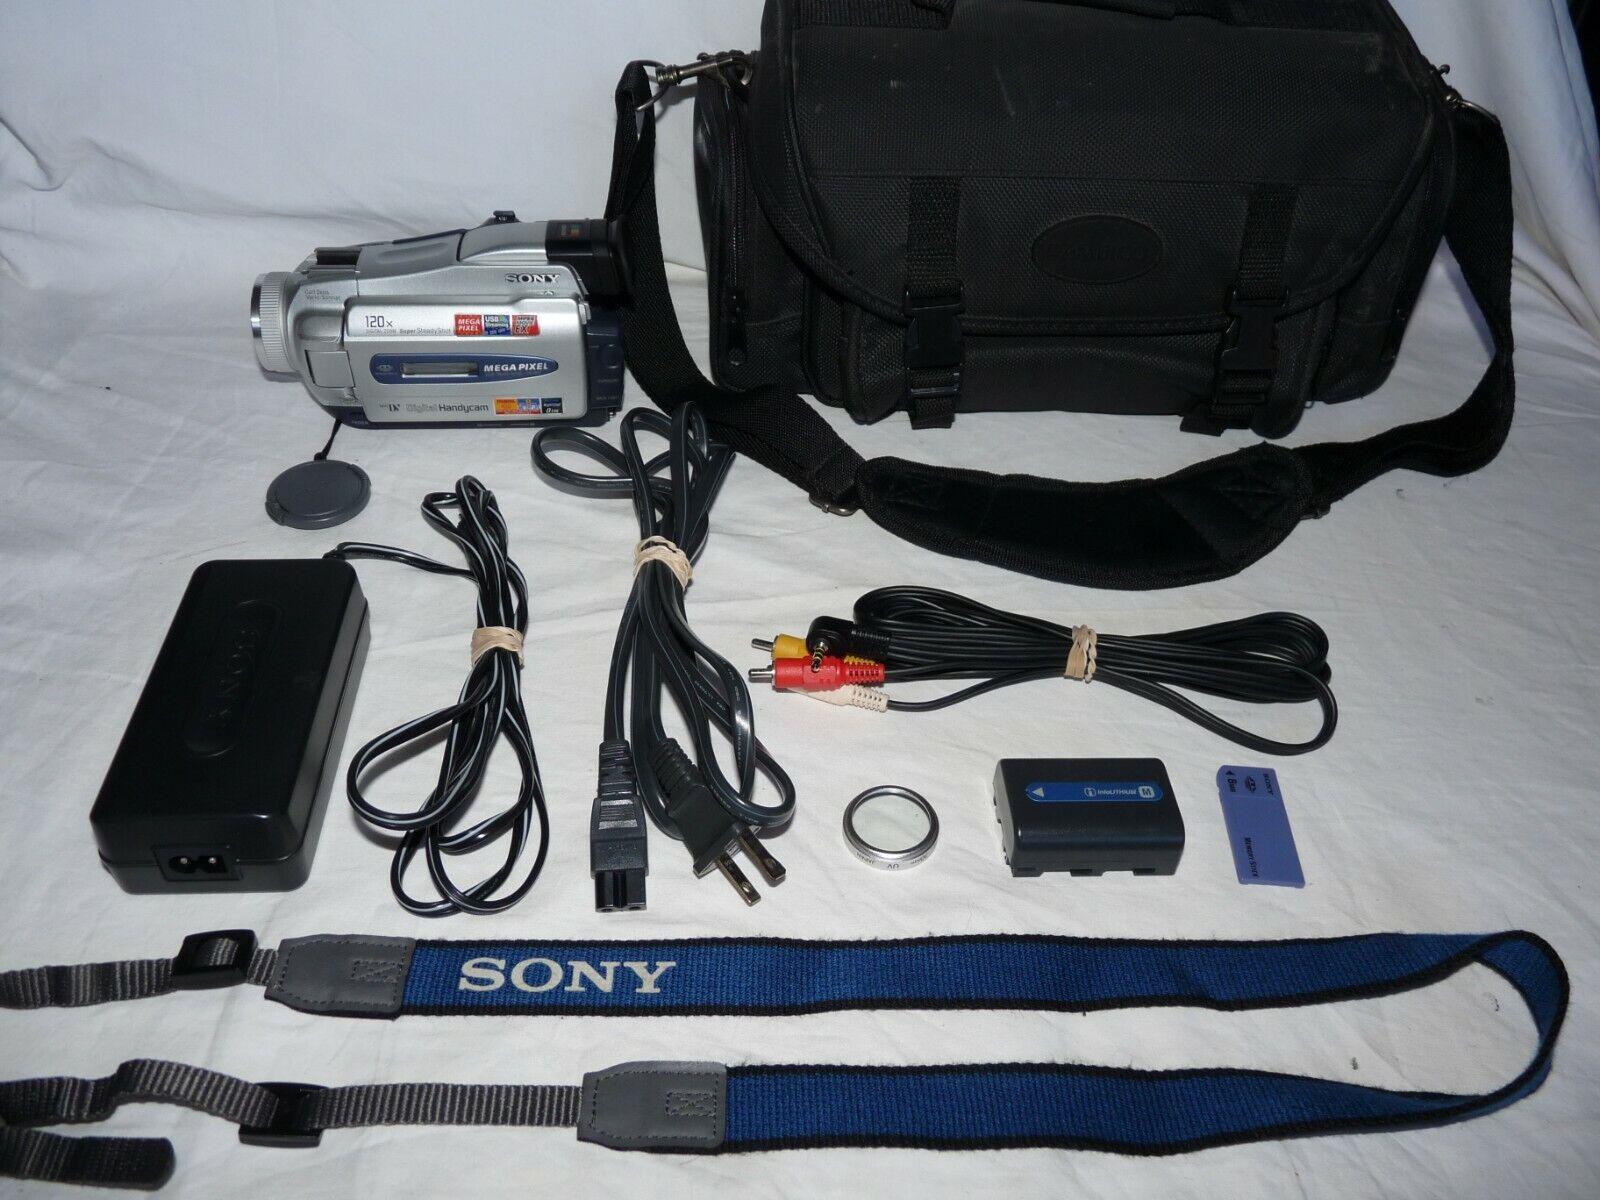 s l1600 - Sony Handycam DCR-TRV25 MiniDv Mini Dv Camcorder Player Camera Video Transfer